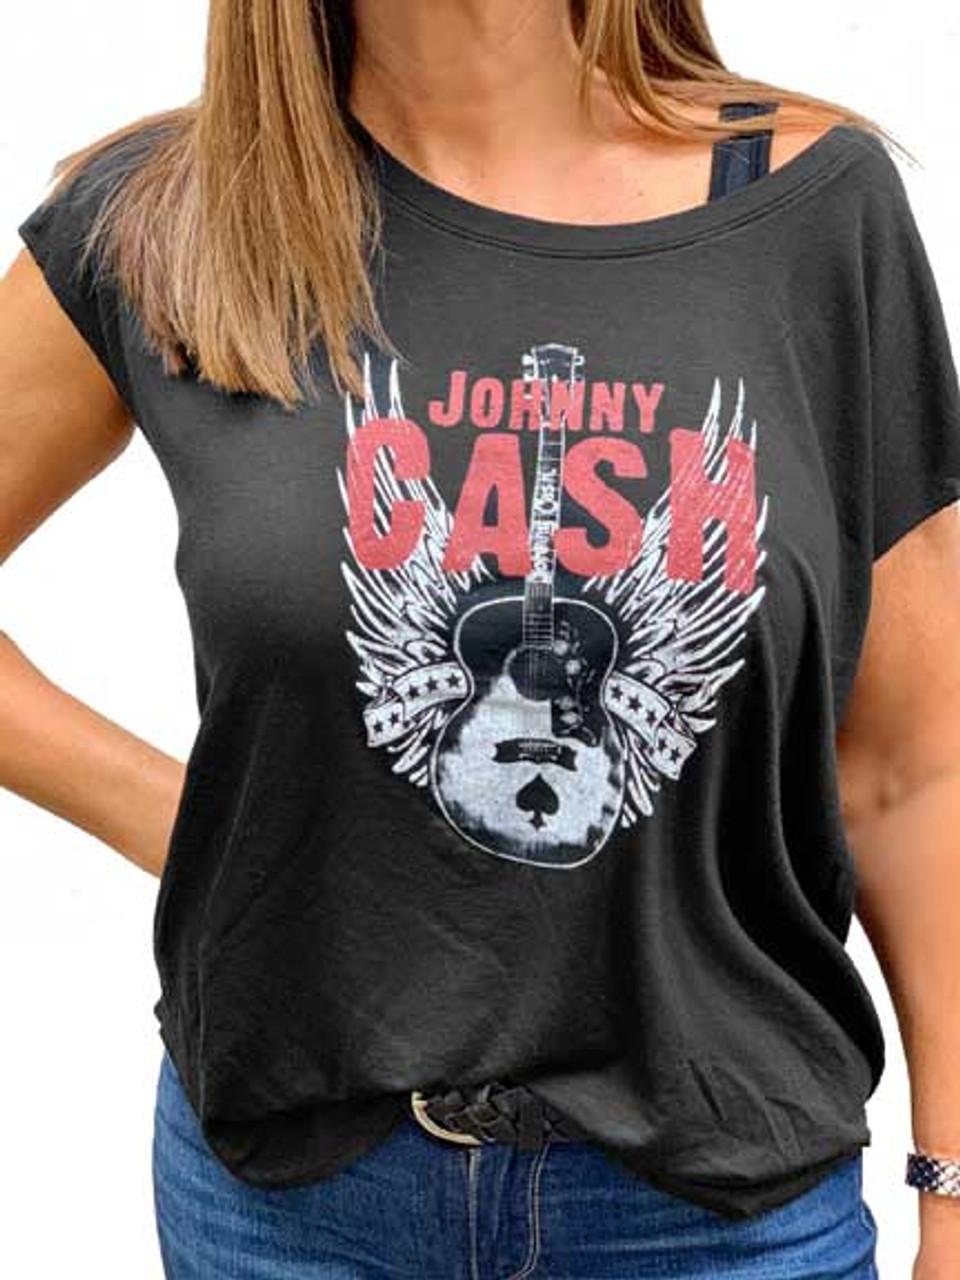 vintage johnny cash shirt